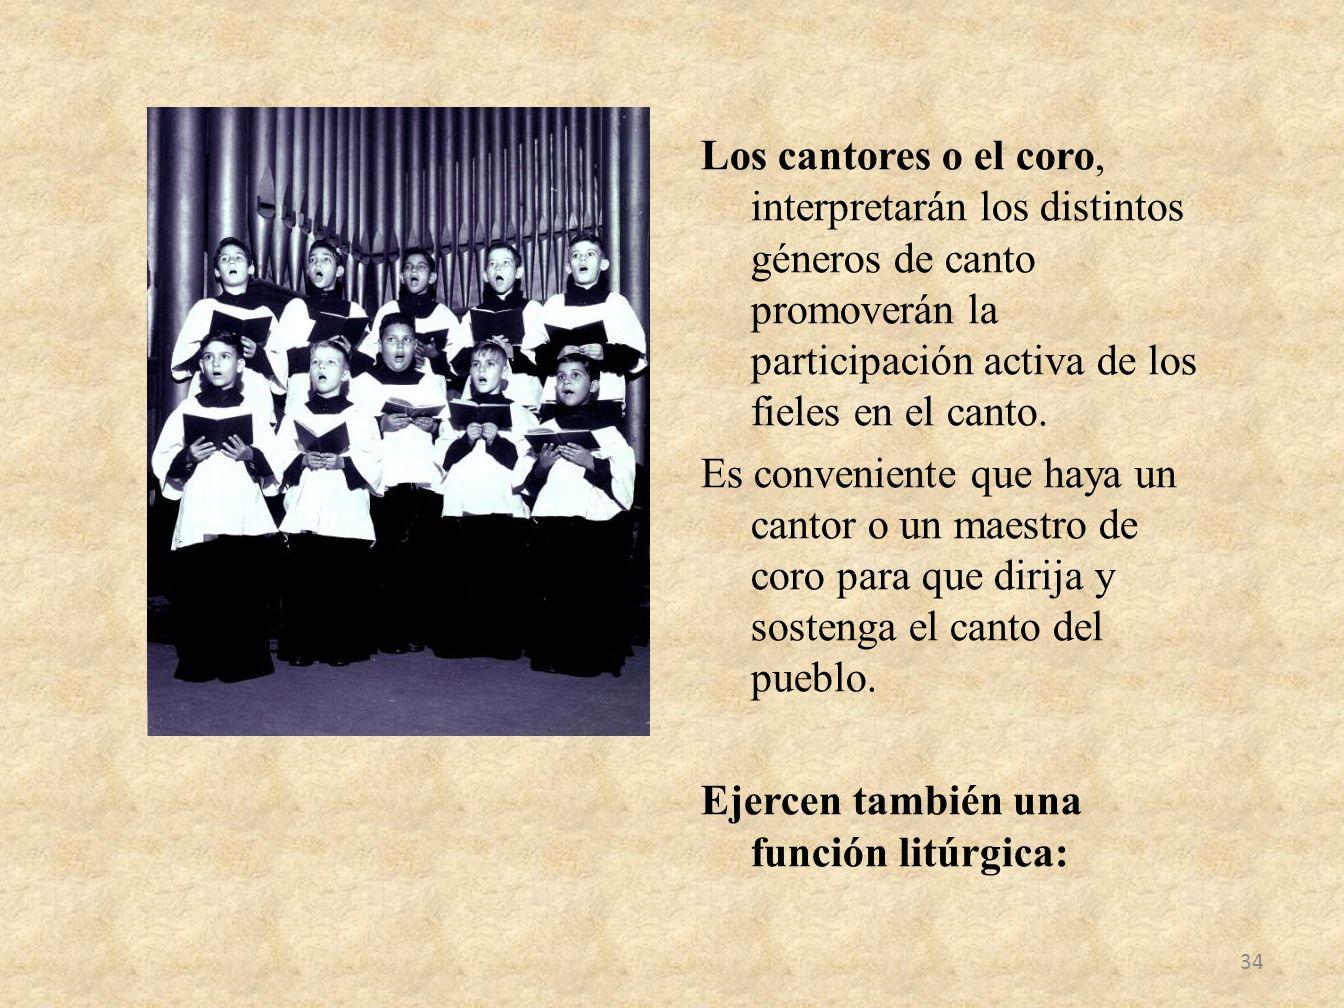 Los cantores o el coro, interpretarán los distintos géneros de canto promoverán la participación activa de los fieles en el canto.